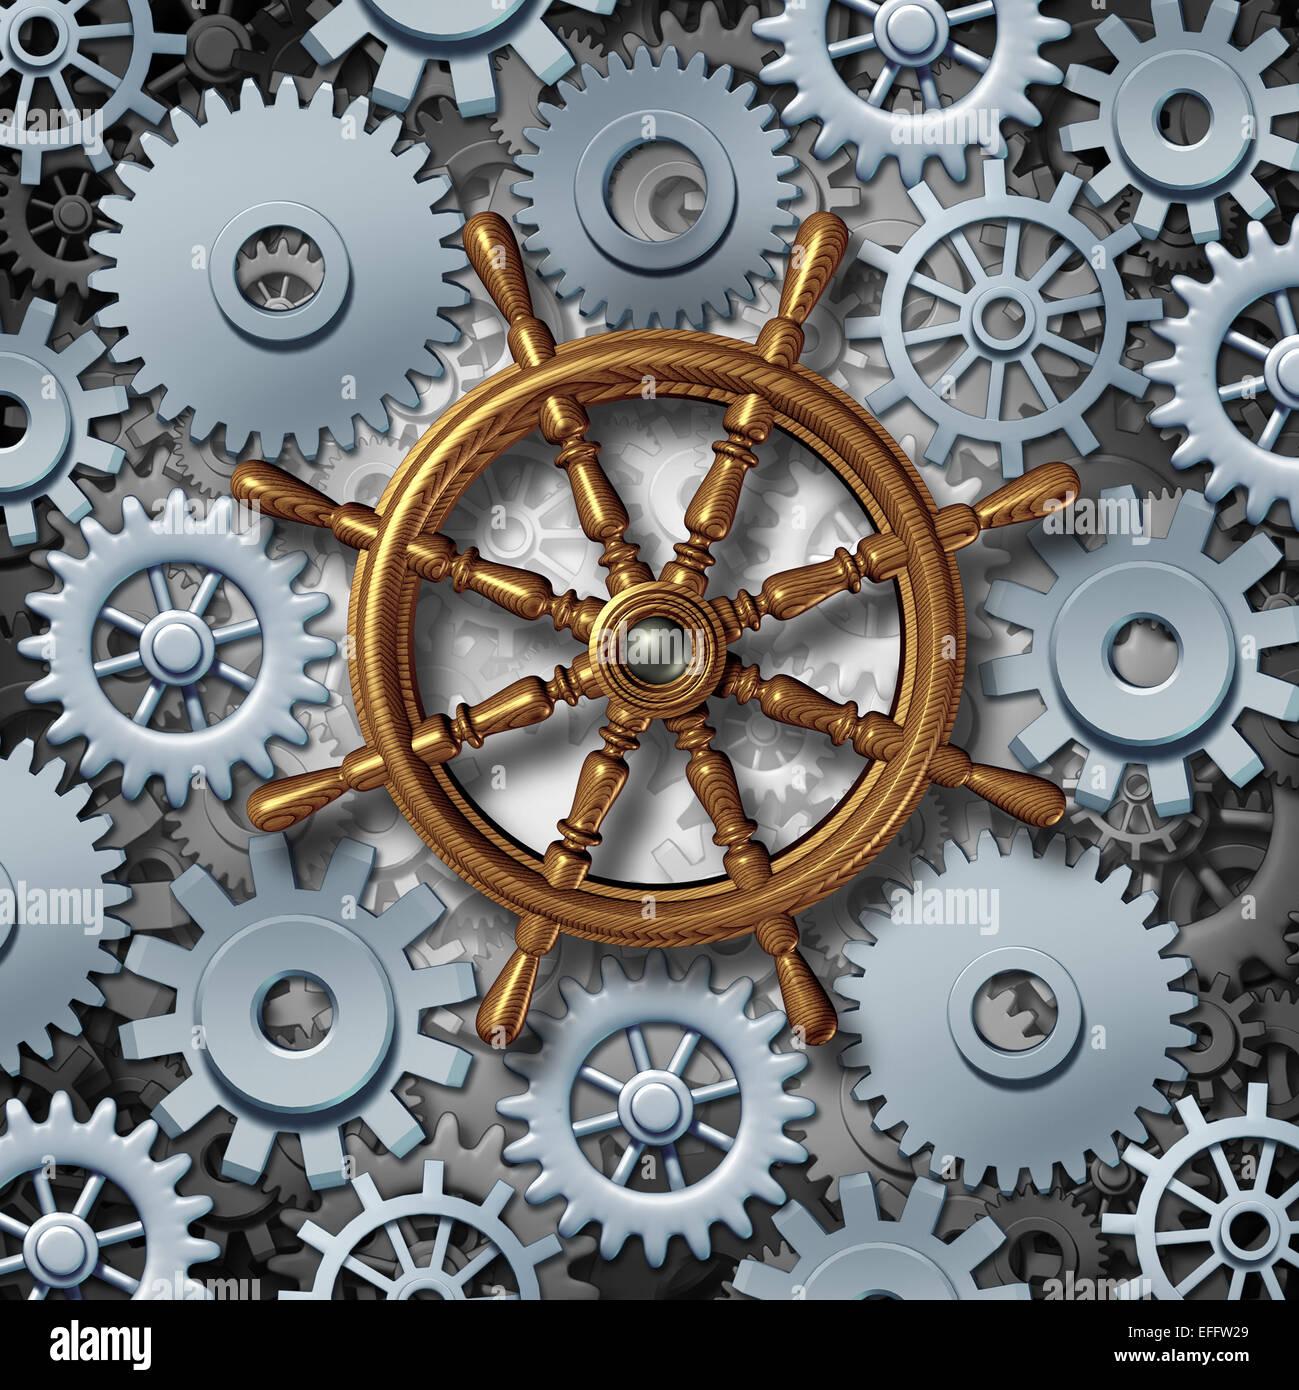 Business concetto di navigazione come boat marine volante collegato ad ingranaggi e ruote cog come una metafora Immagini Stock